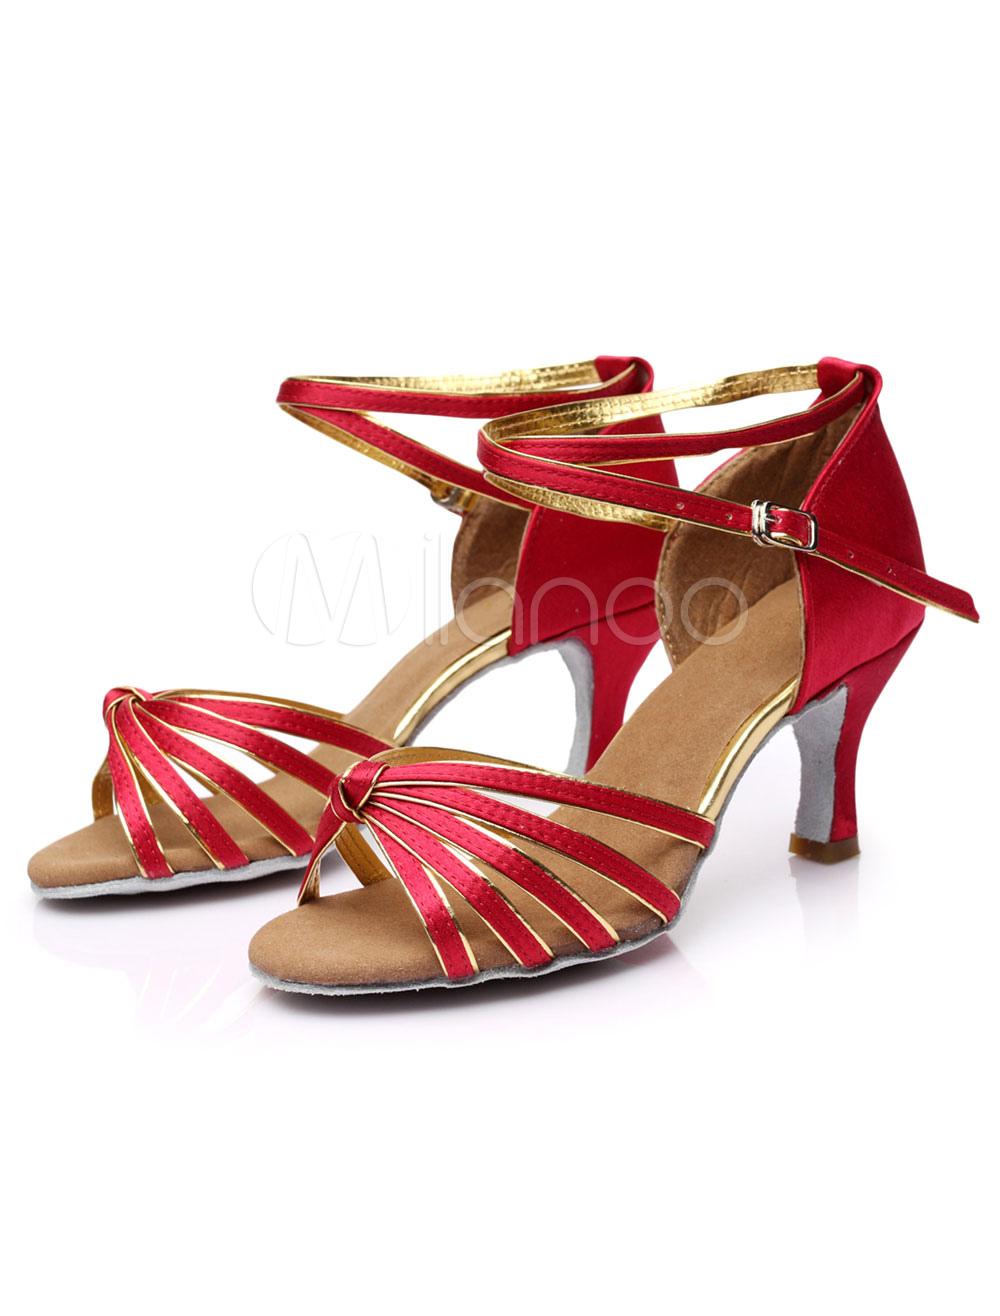 Zapatos de salón de satén color marrón oscuro para las mujeres 1pBtLpEu